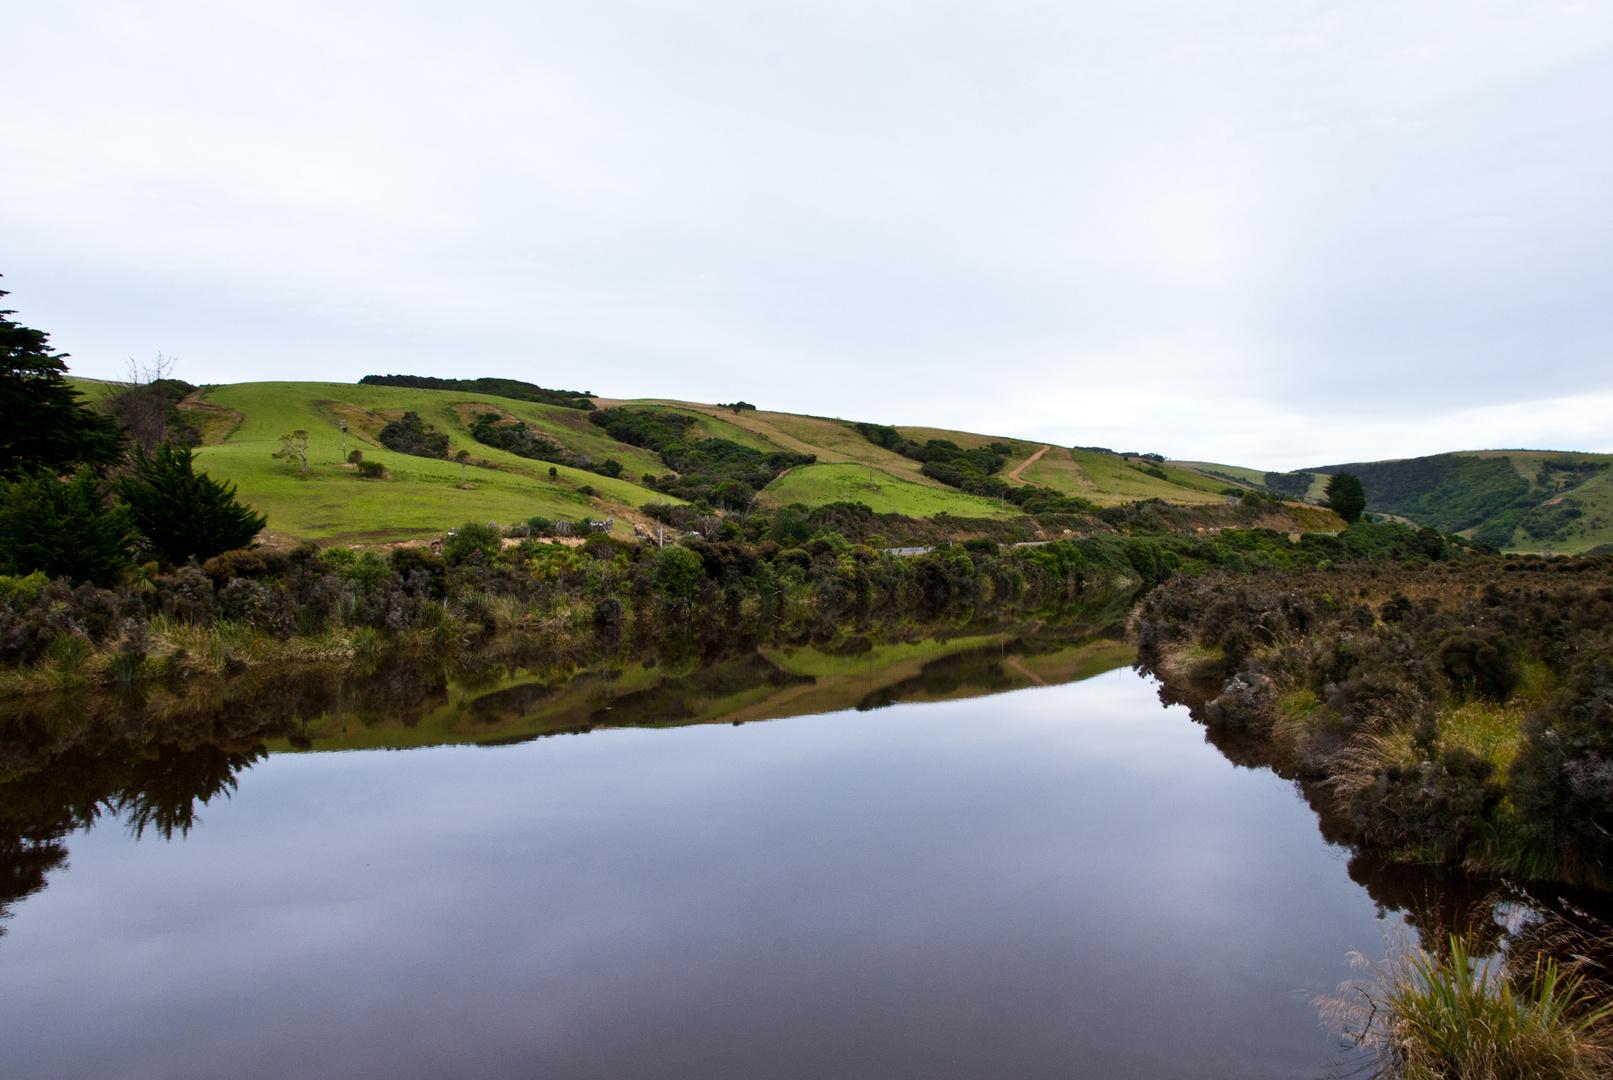 Catlins River